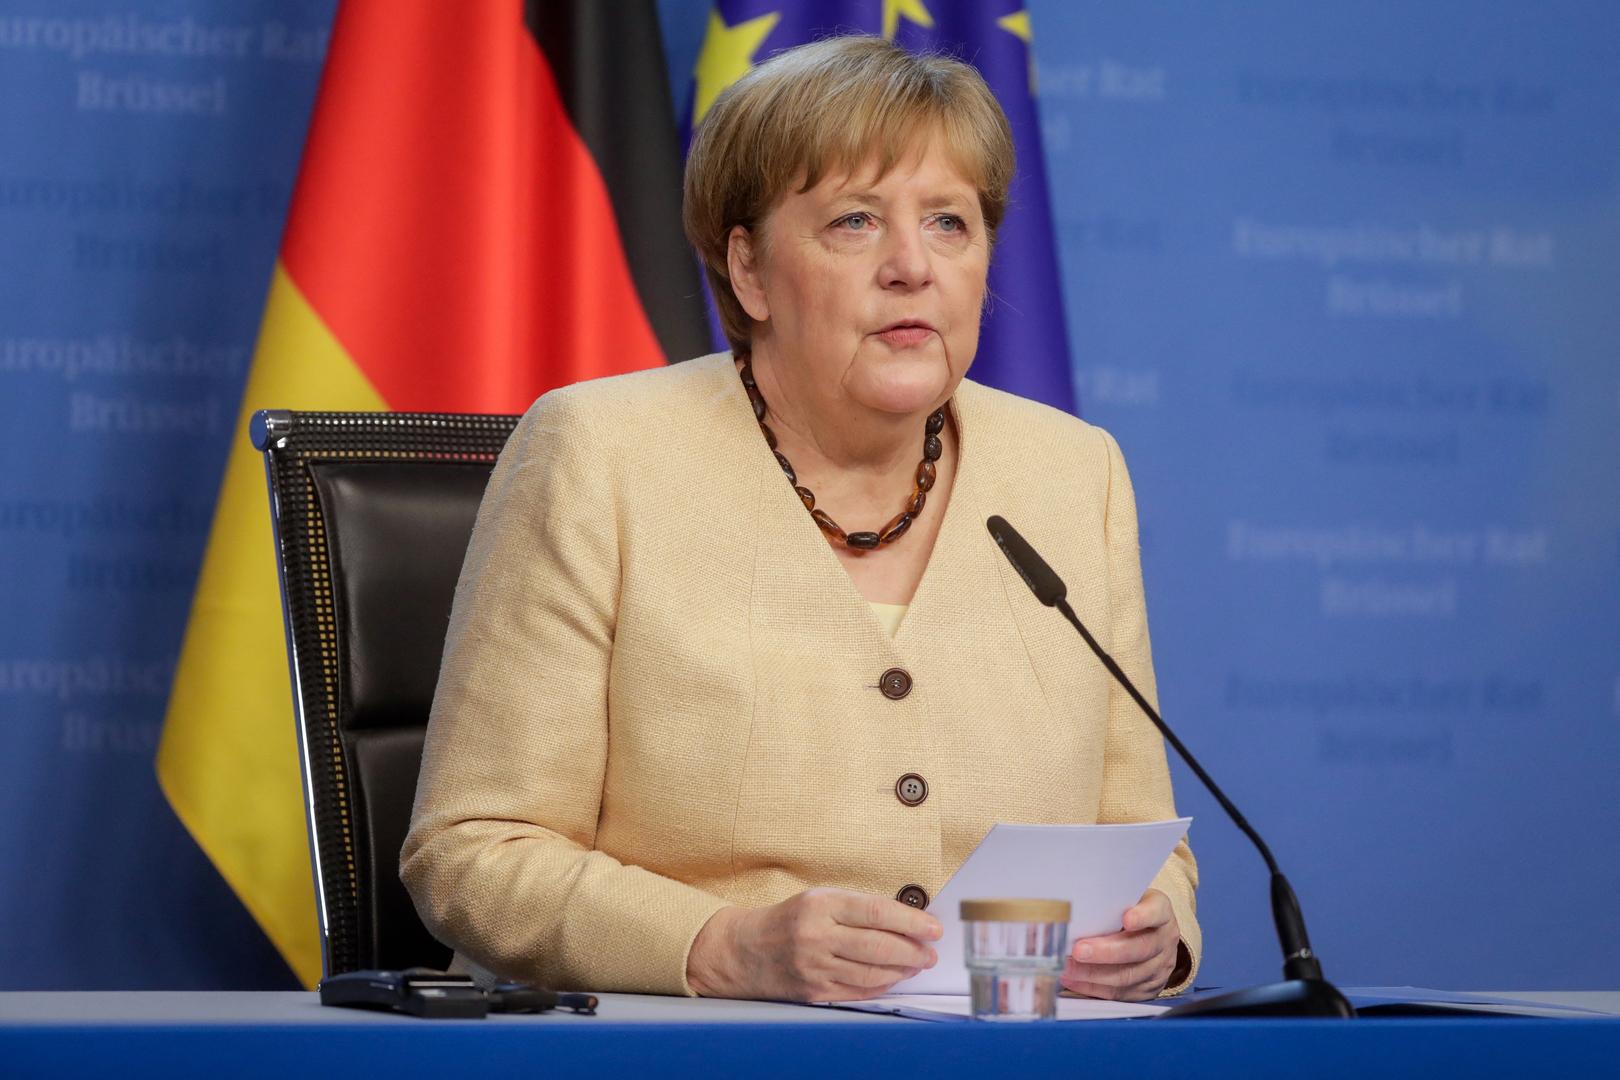 صحيفة: ميركل أرادت حظر دخول البريطانيين إلى الاتحاد الأوروبي